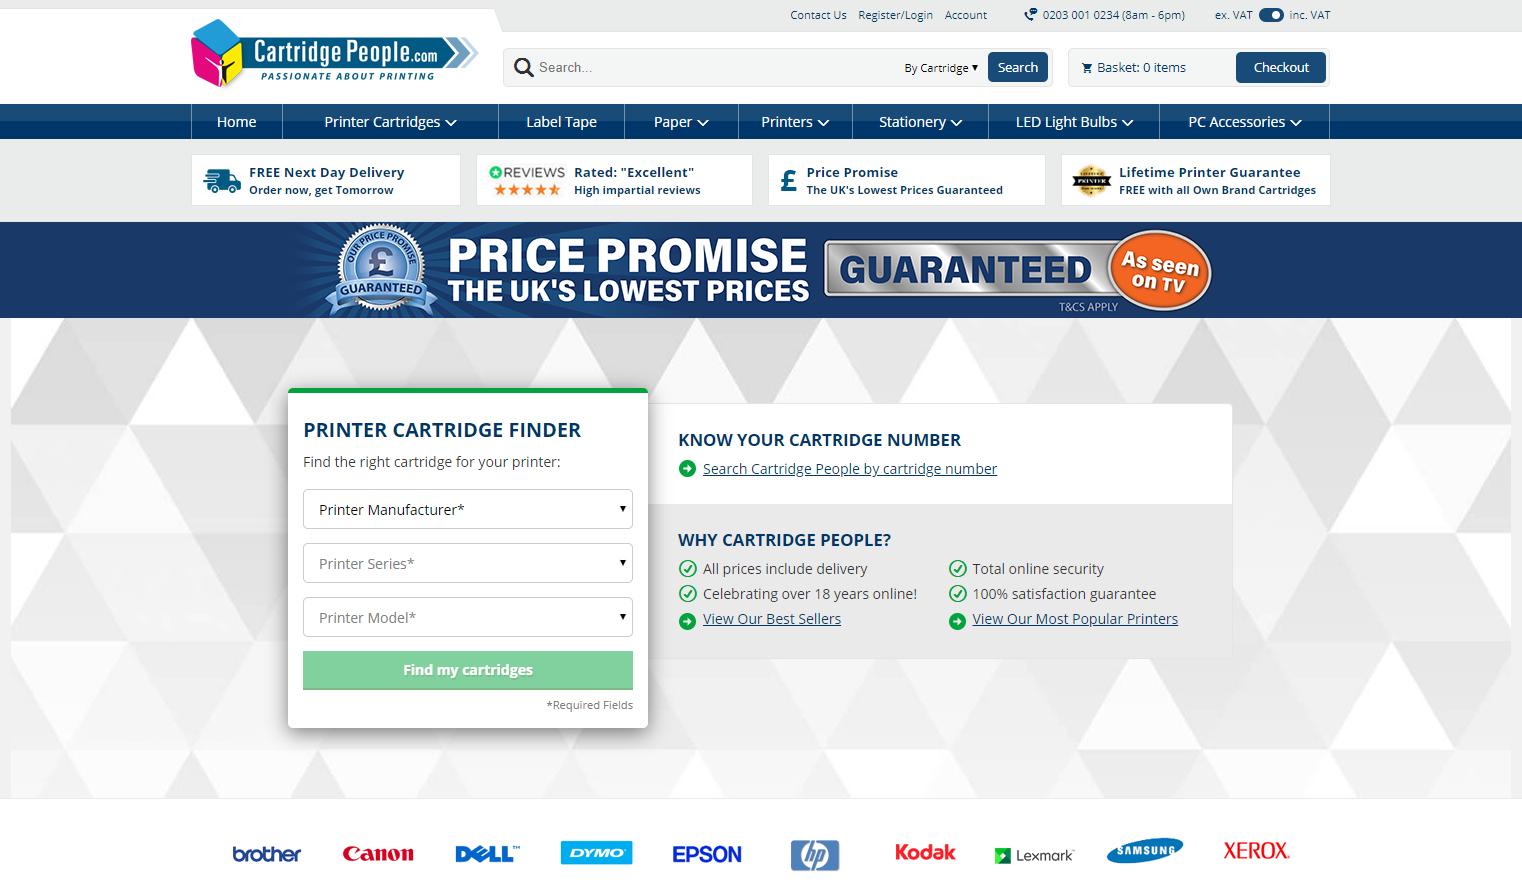 Cartridge People Homepage Screenshot